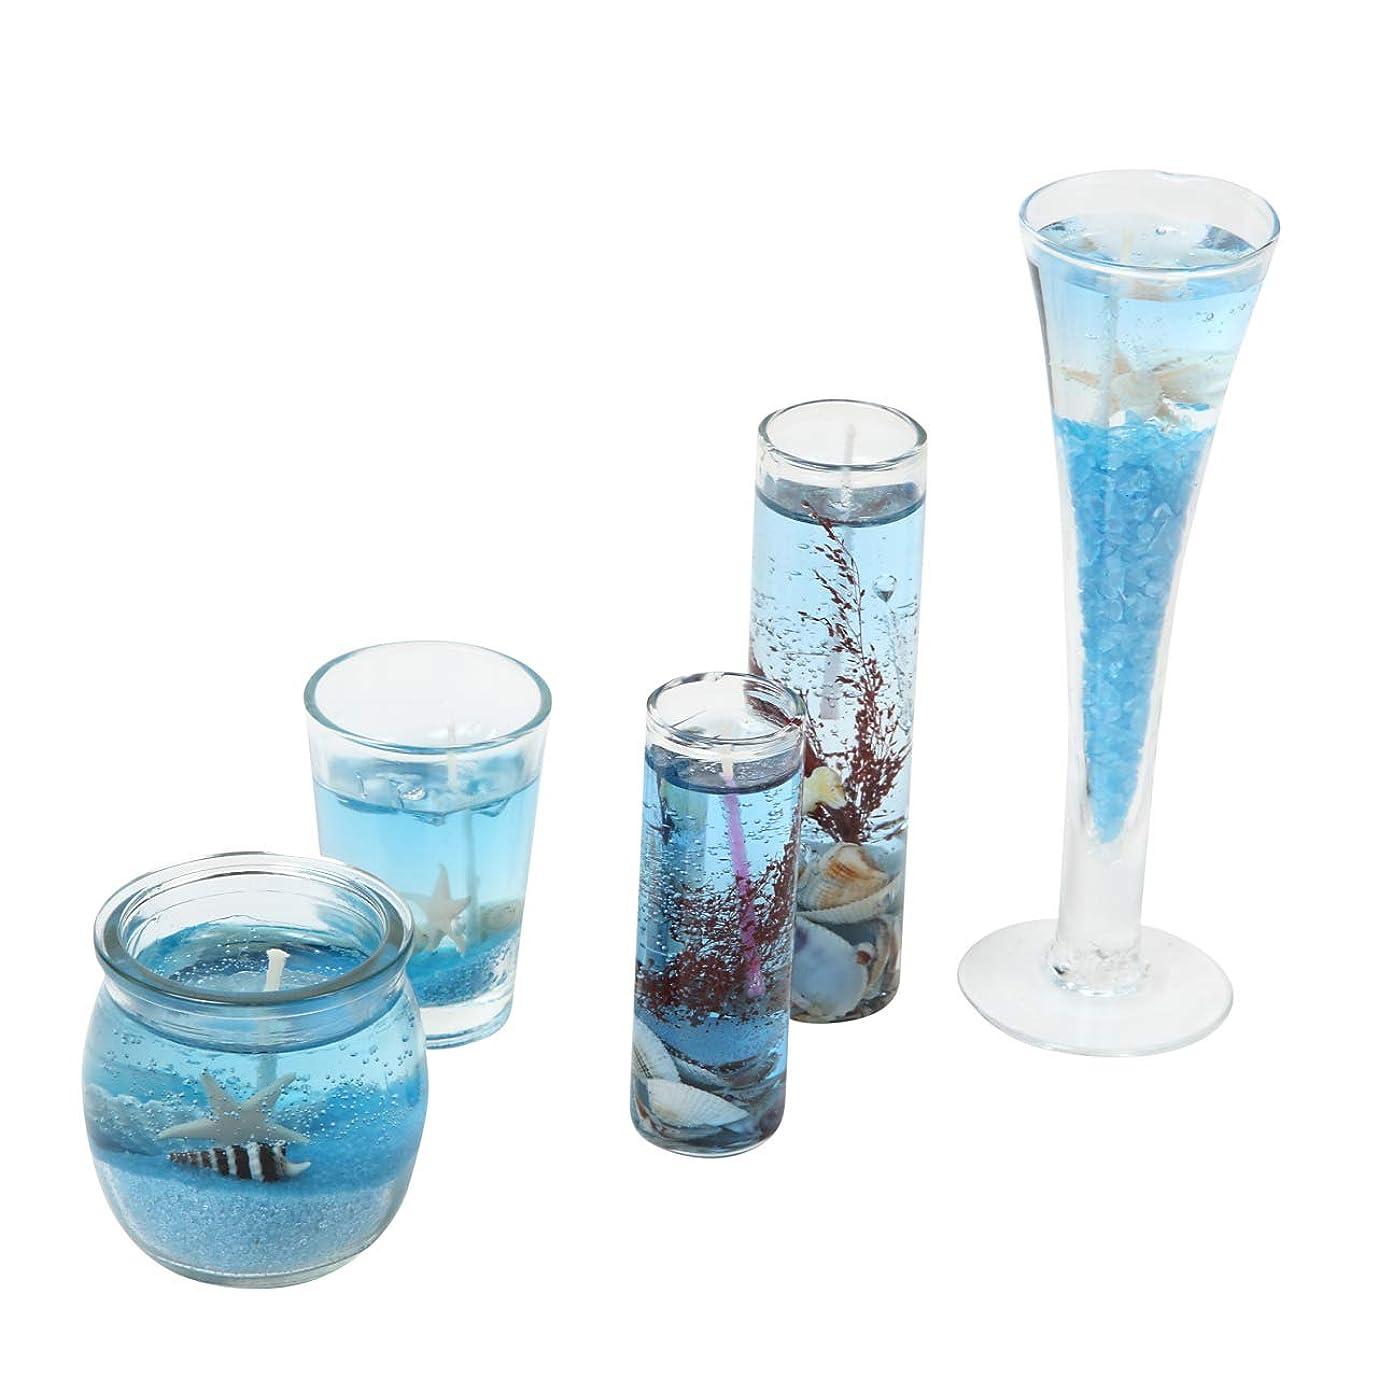 スクラップチャールズキージング実験室N-hilfe アロマキャンドル 貝殻 ジェル 5個 セット (青)